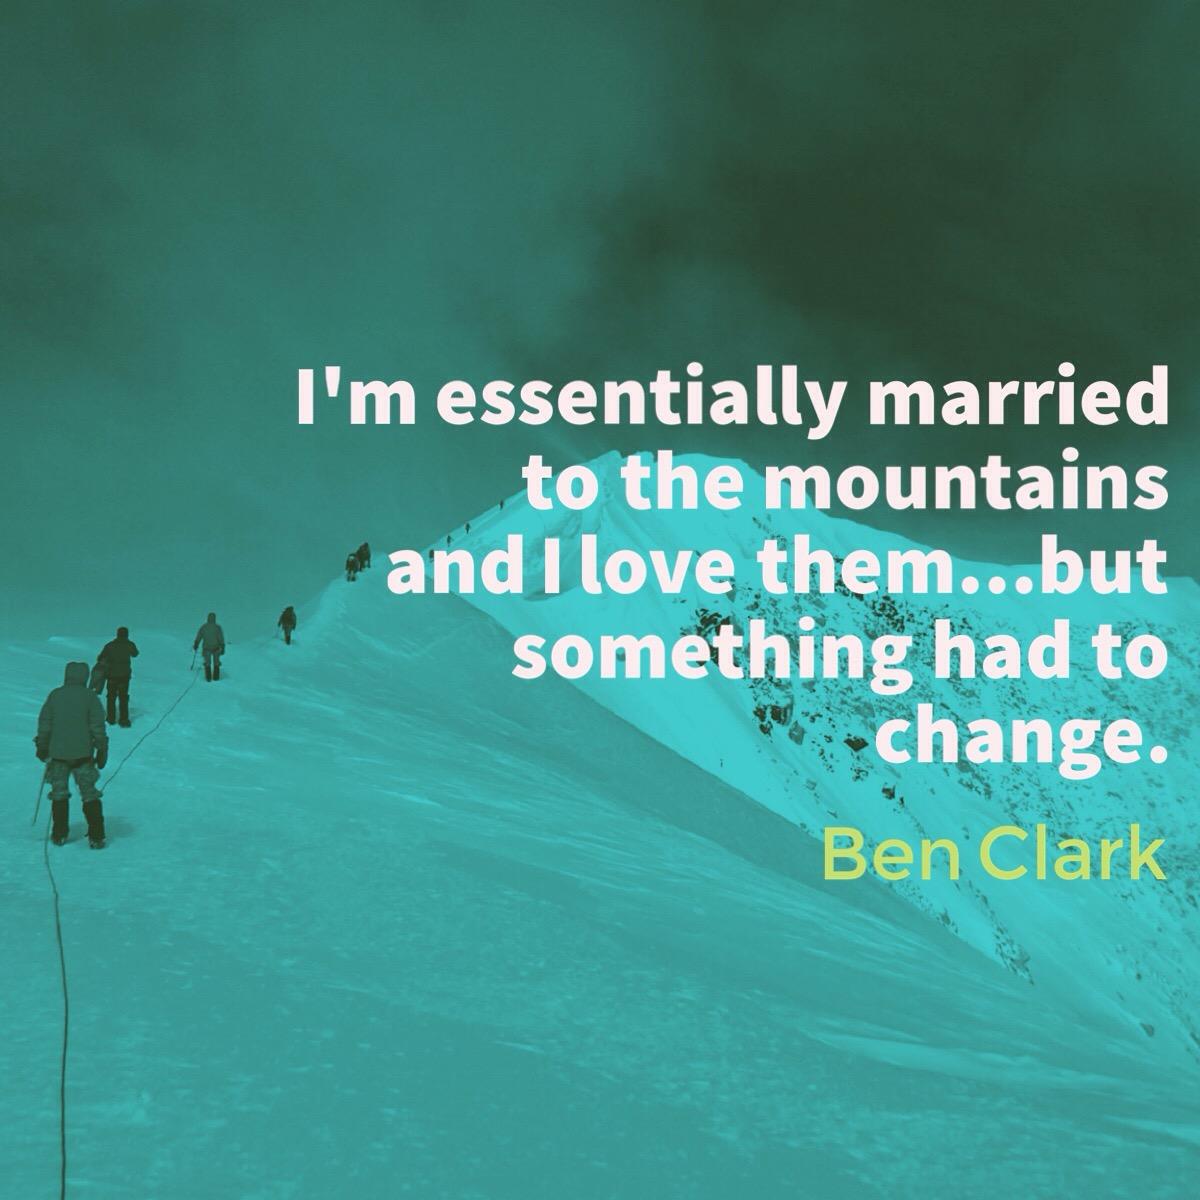 ben clark quote.JPG